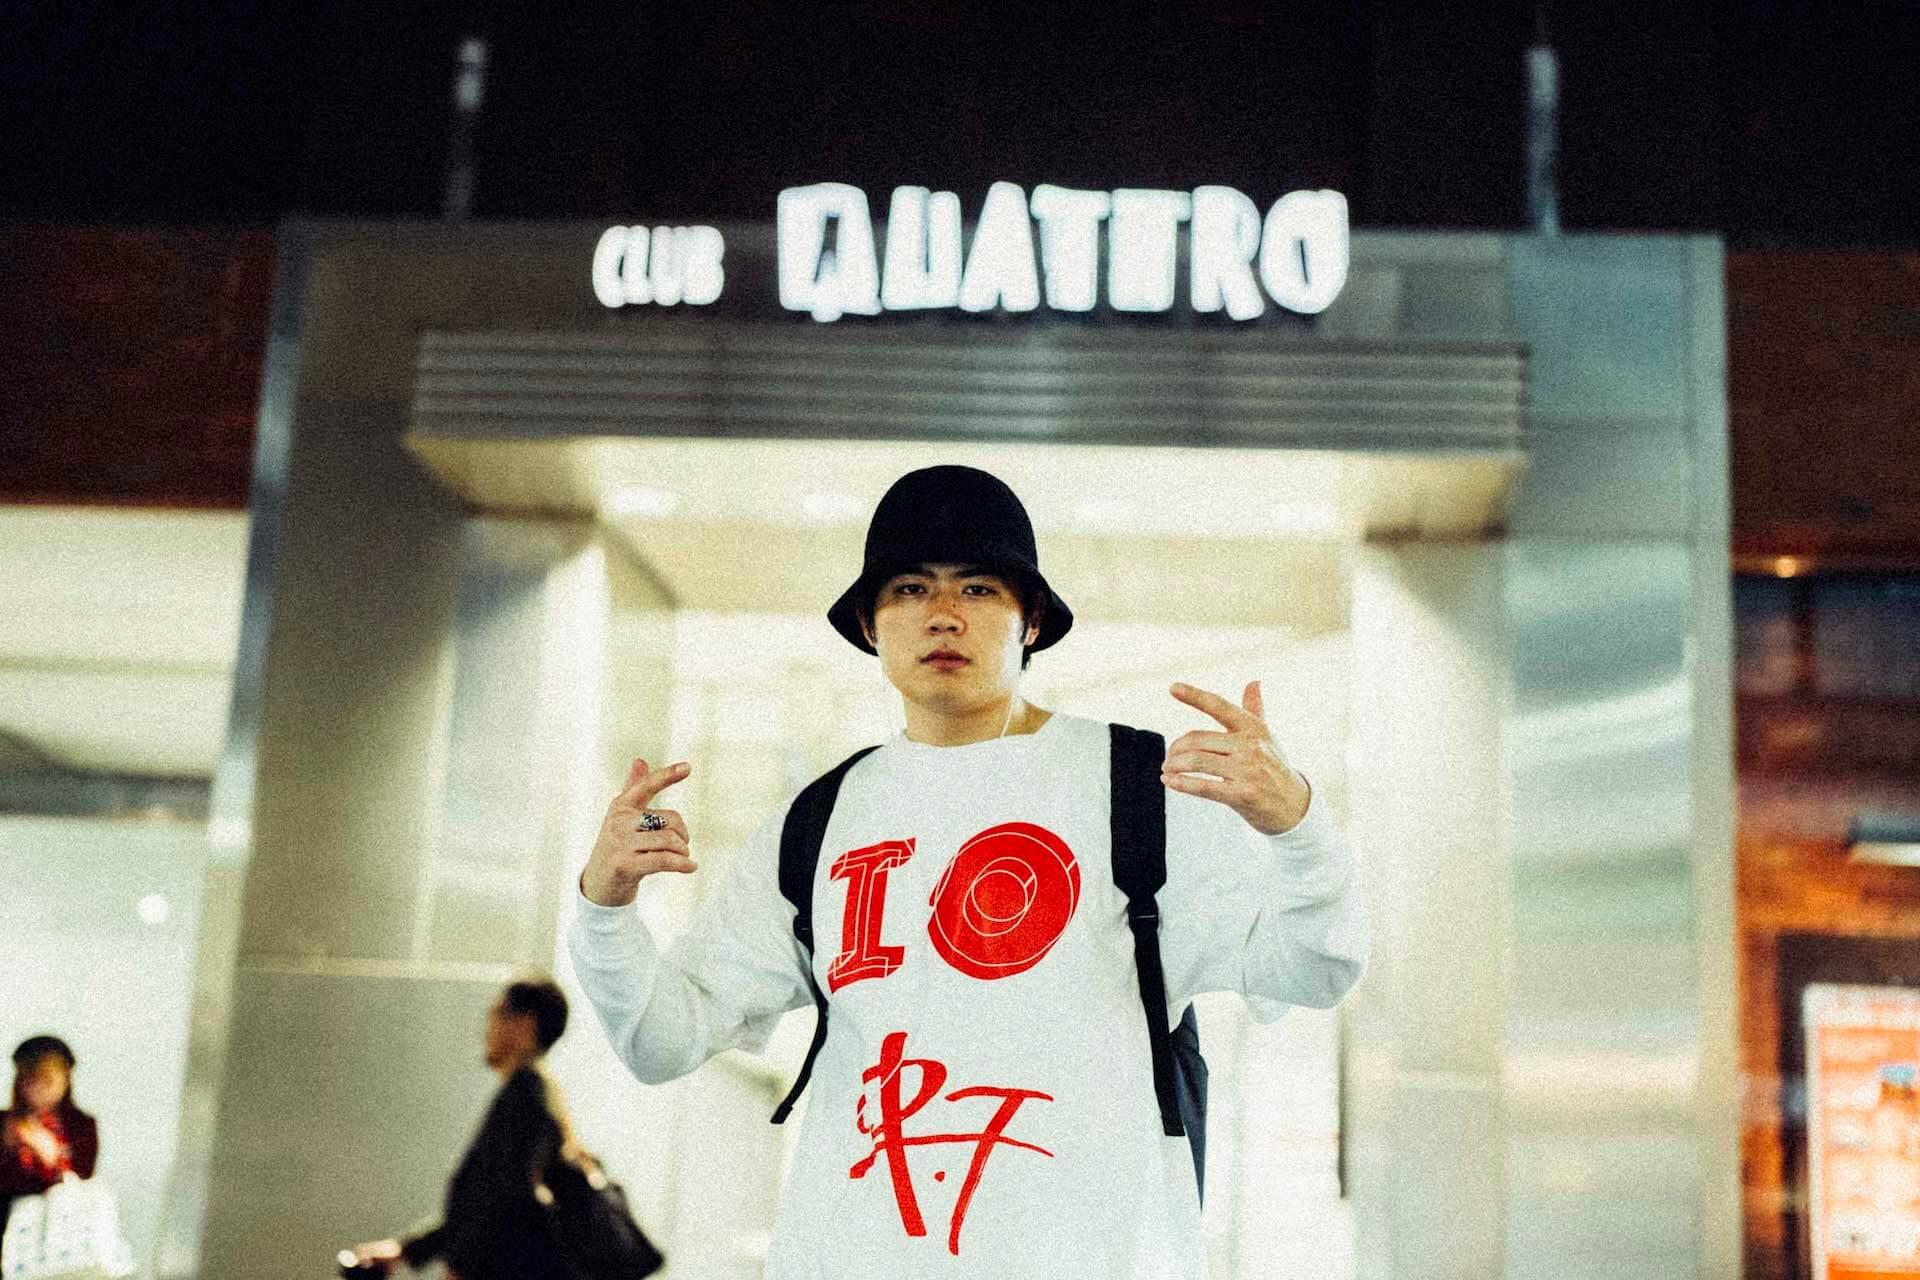 高岩遼のモノローグ|『10』リリースライブに向けて ryo-takaiwa101210-30